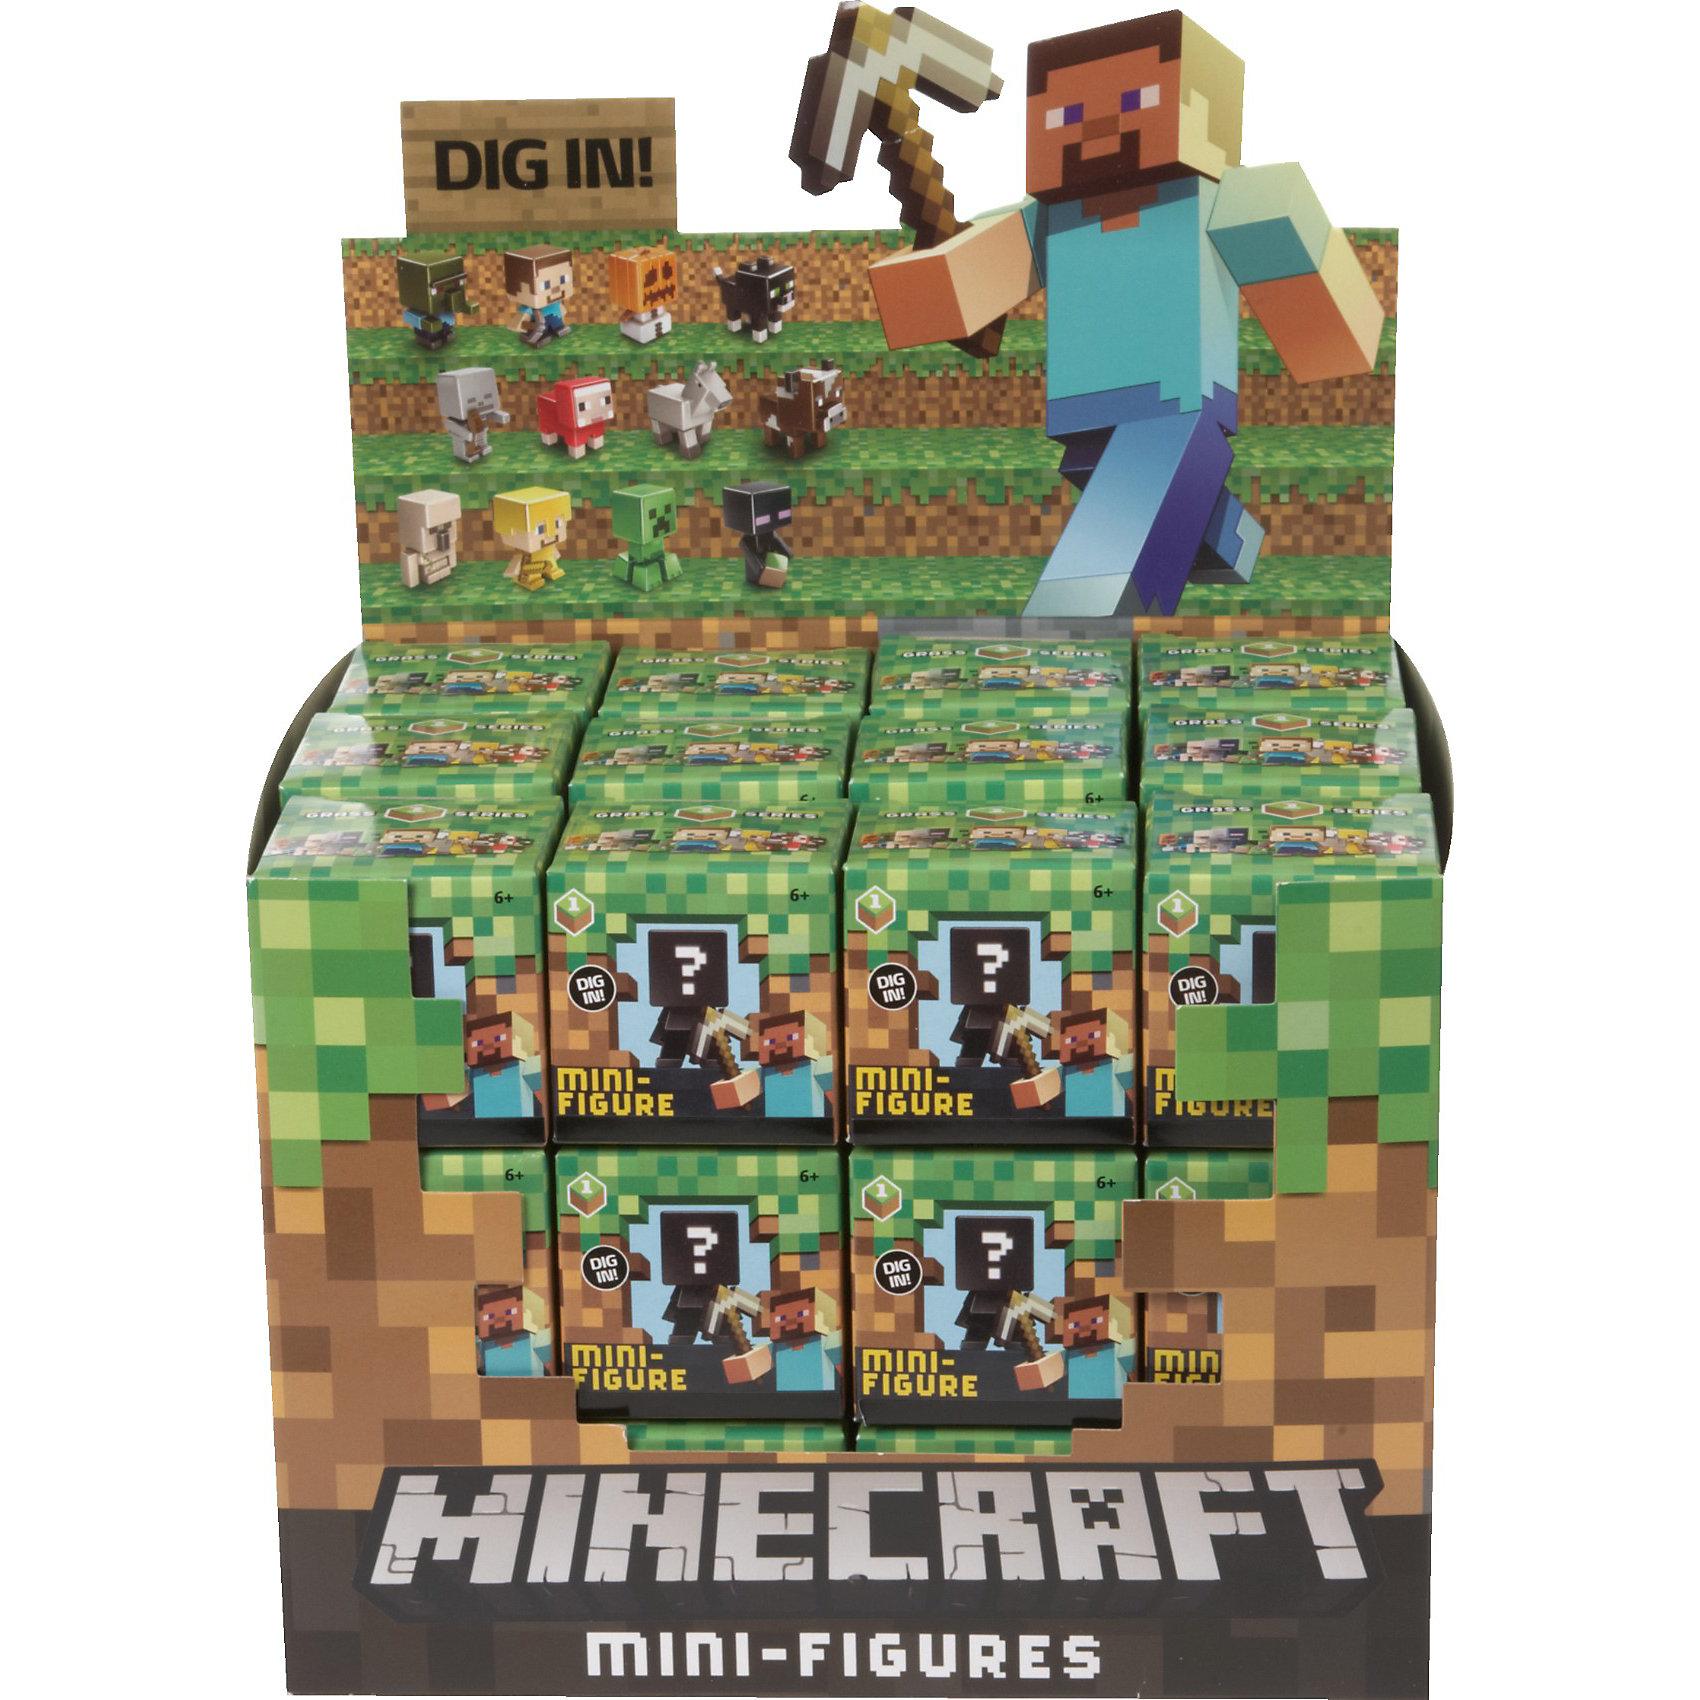 Фигурка  Minecraft, в ассортиментеВсе поклонники известной игры придут в восторг от такого набора. Игрушки прекрасно детализированы, очень похожи на персонажей Майнкрафт. Сделанные в 8-битном стиле, как и игра, эти фигурки позволят вашим детям играть с их любимыми персонажами где угодно!  Какая именно фигурка тебе попадется - сюрприз. Ты узнаешь от этом открыв коробку. Собери все фигурки и преврати игру в реальность!<br><br>Дополнительная информация:<br><br>- Материал: пластик.<br>- Конечности, голова фигурок подвижные.<br>- Размер упаковки: 5х5х5 см. <br>- Фигурка в ассортименте.<br>ВНИМАНИЕ! Данный артикул представлен в разных вариантах исполнения. К сожалению, заранее выбрать определенный вариант невозможно. При заказе нескольких фигурок возможно получение одинаковых.<br><br>Фигурка  Minecraft (Майнкрафт), в ассортименте, можно купить в нашем магазине.<br><br>Ширина мм: 53<br>Глубина мм: 55<br>Высота мм: 53<br>Вес г: 14<br>Возраст от месяцев: 36<br>Возраст до месяцев: 96<br>Пол: Мужской<br>Возраст: Детский<br>SKU: 3792883